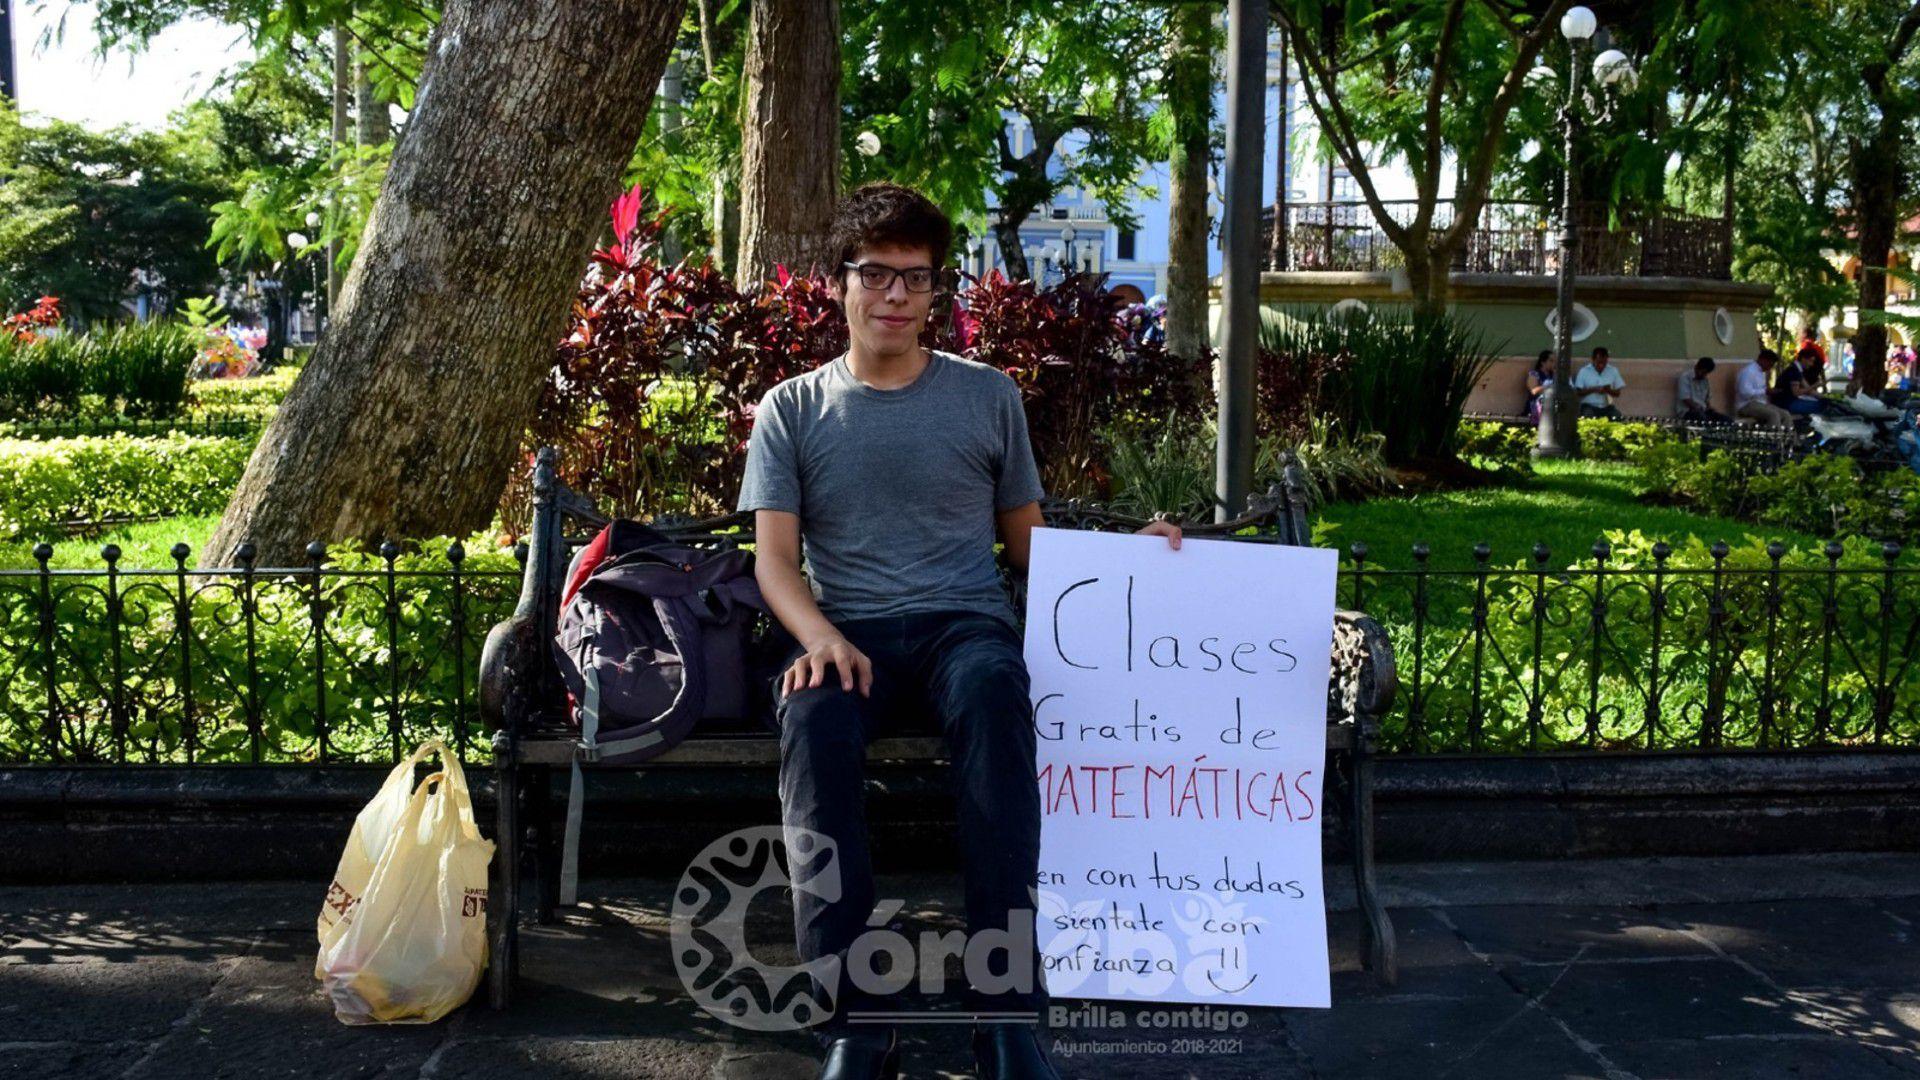 El joven Axel Ruiz dará clases gratis de matemáticas durante sus vacaciones (Foto: Facebook Honorable Ayuntamiento de Córdoba)